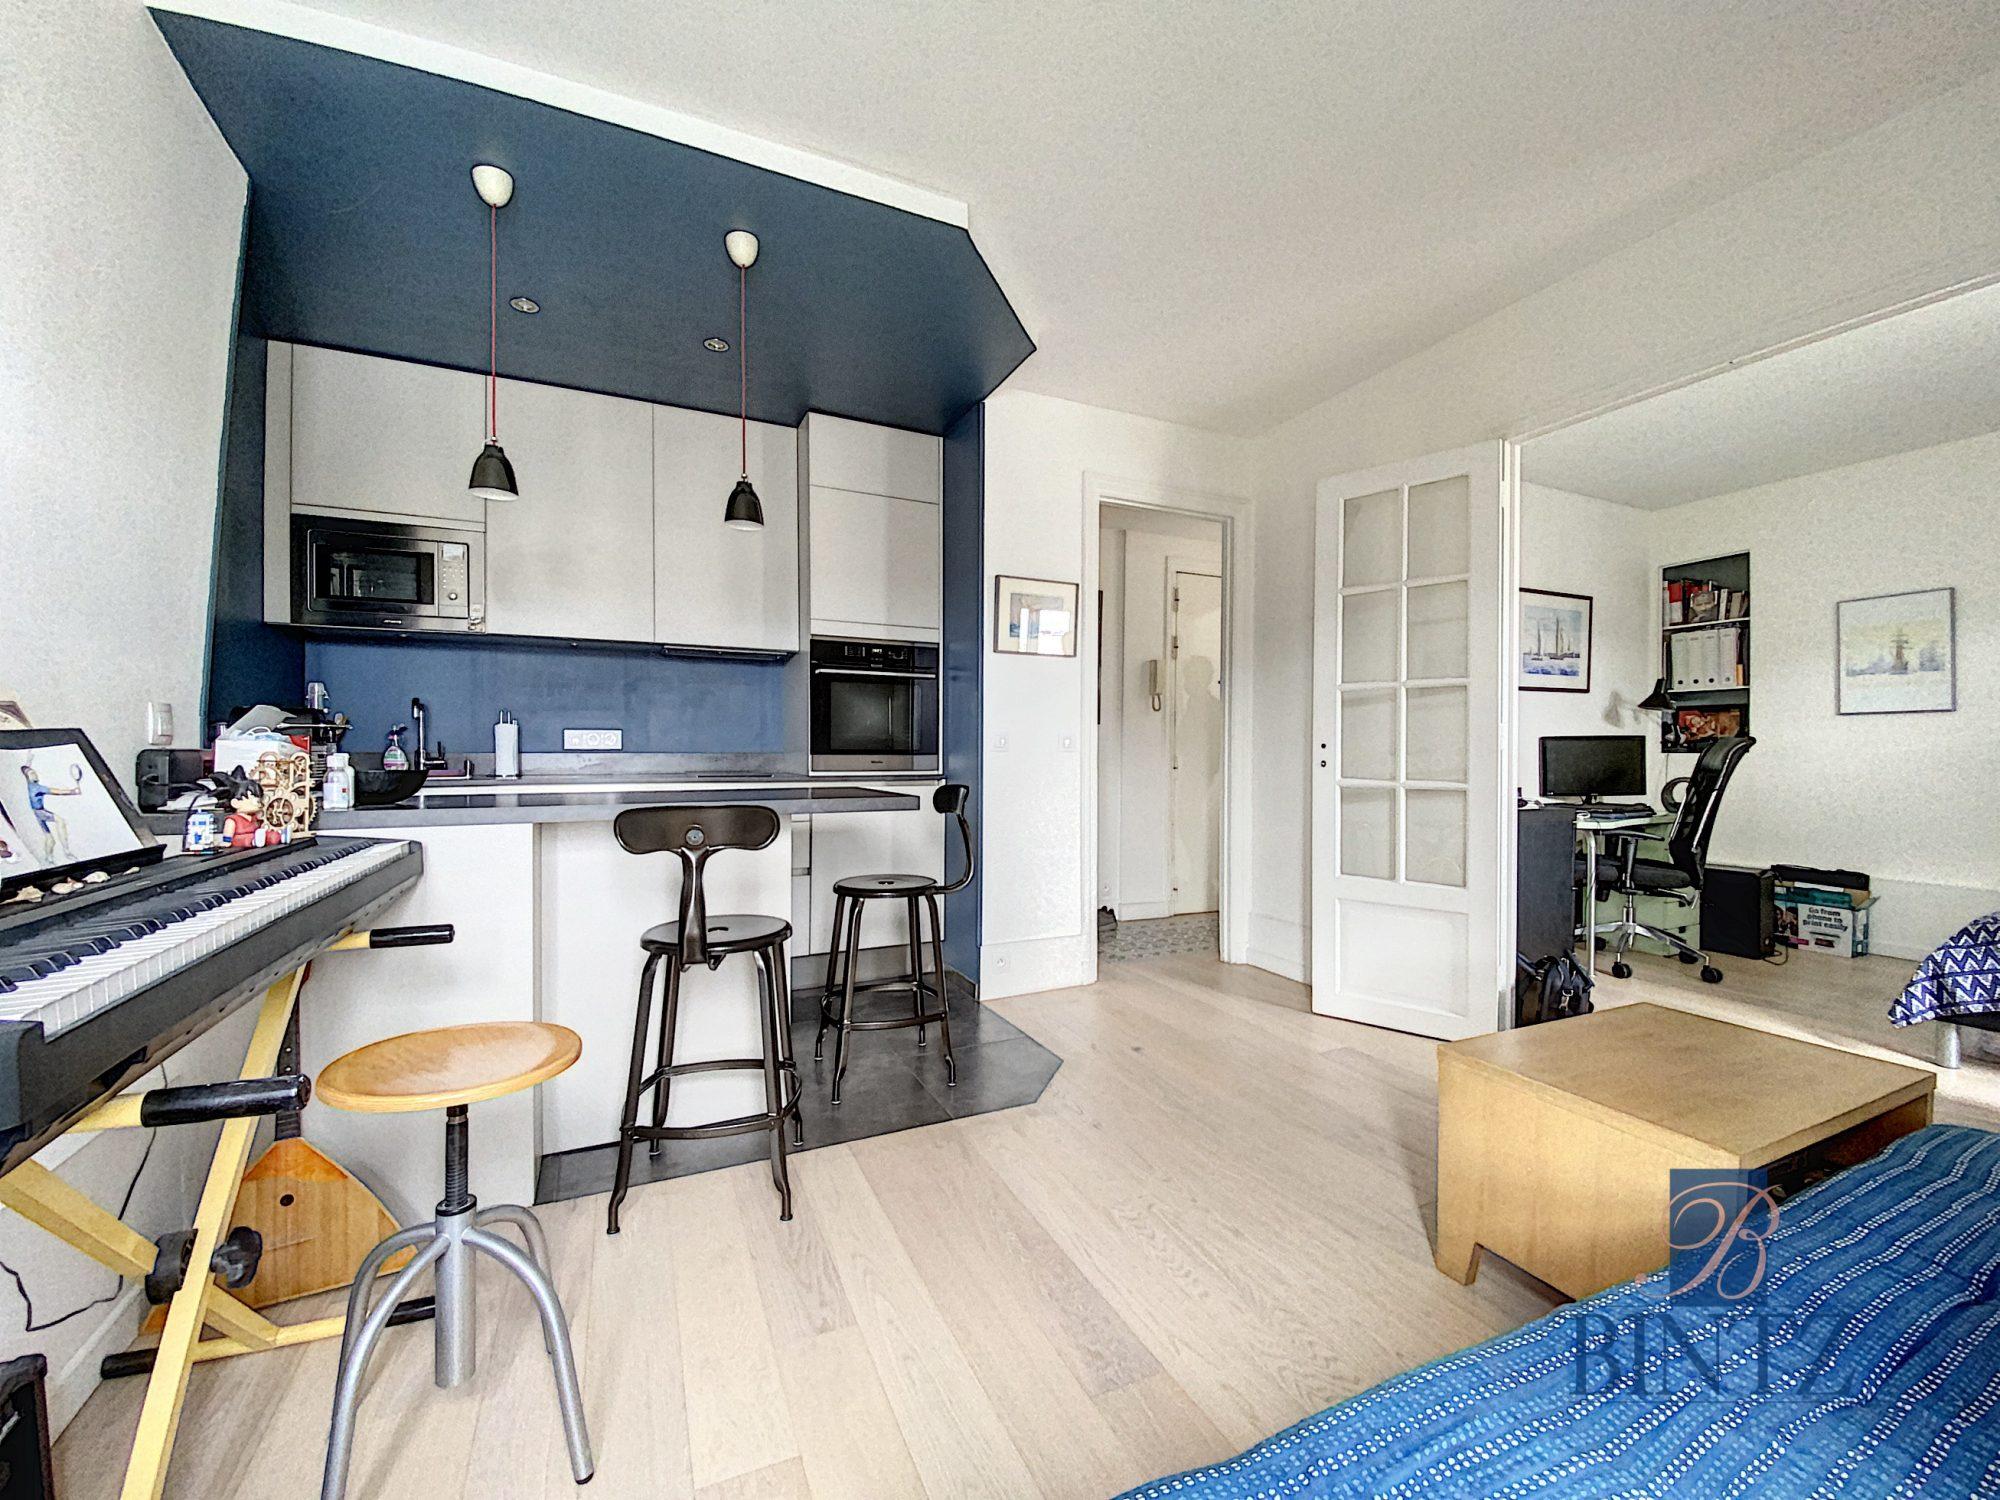 PARIS 17eme – 2 pièces rénové Boulevard Pereire - Devenez propriétaire en toute confiance - Bintz Immobilier - 1